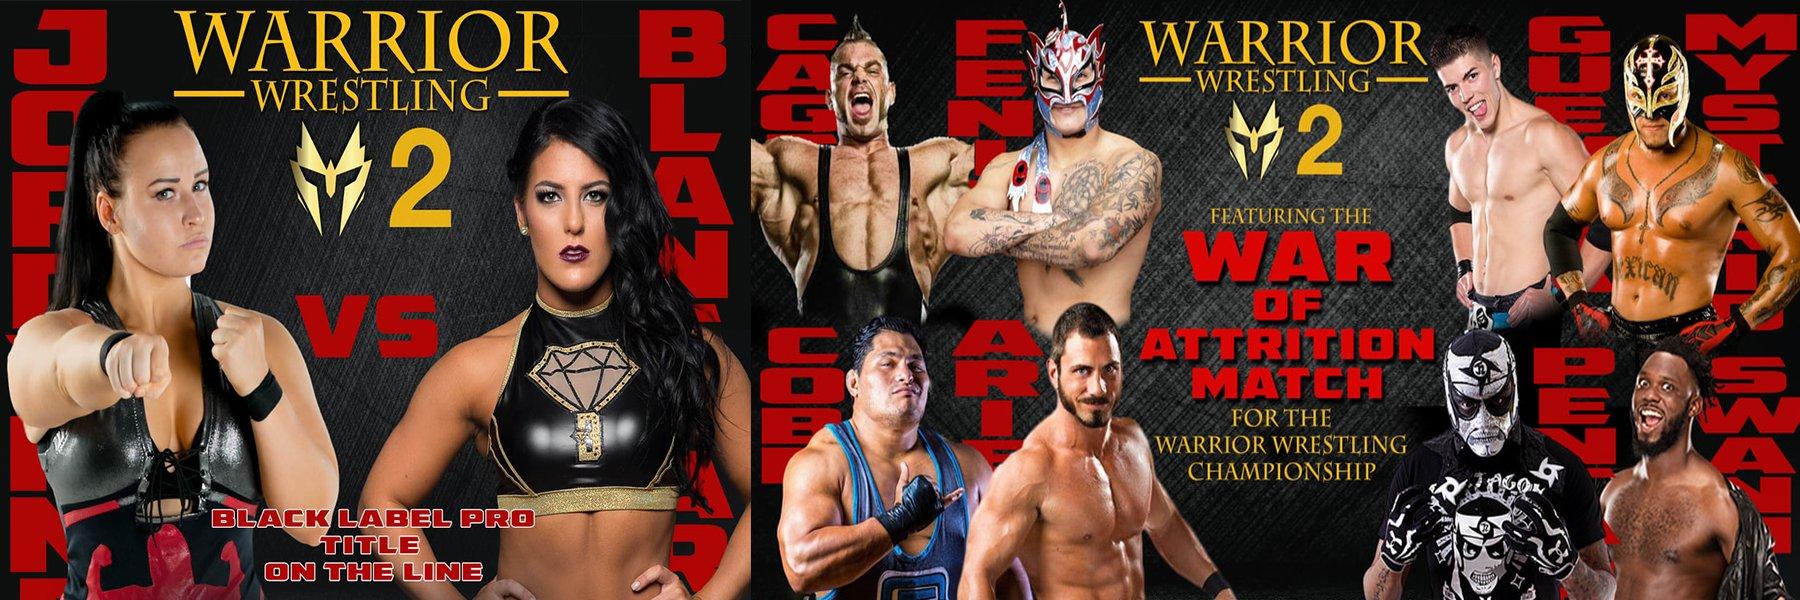 Warrior Wrestling 2: See Rey Mysterio, Pentagon, Brian Cage, Swann, Aries